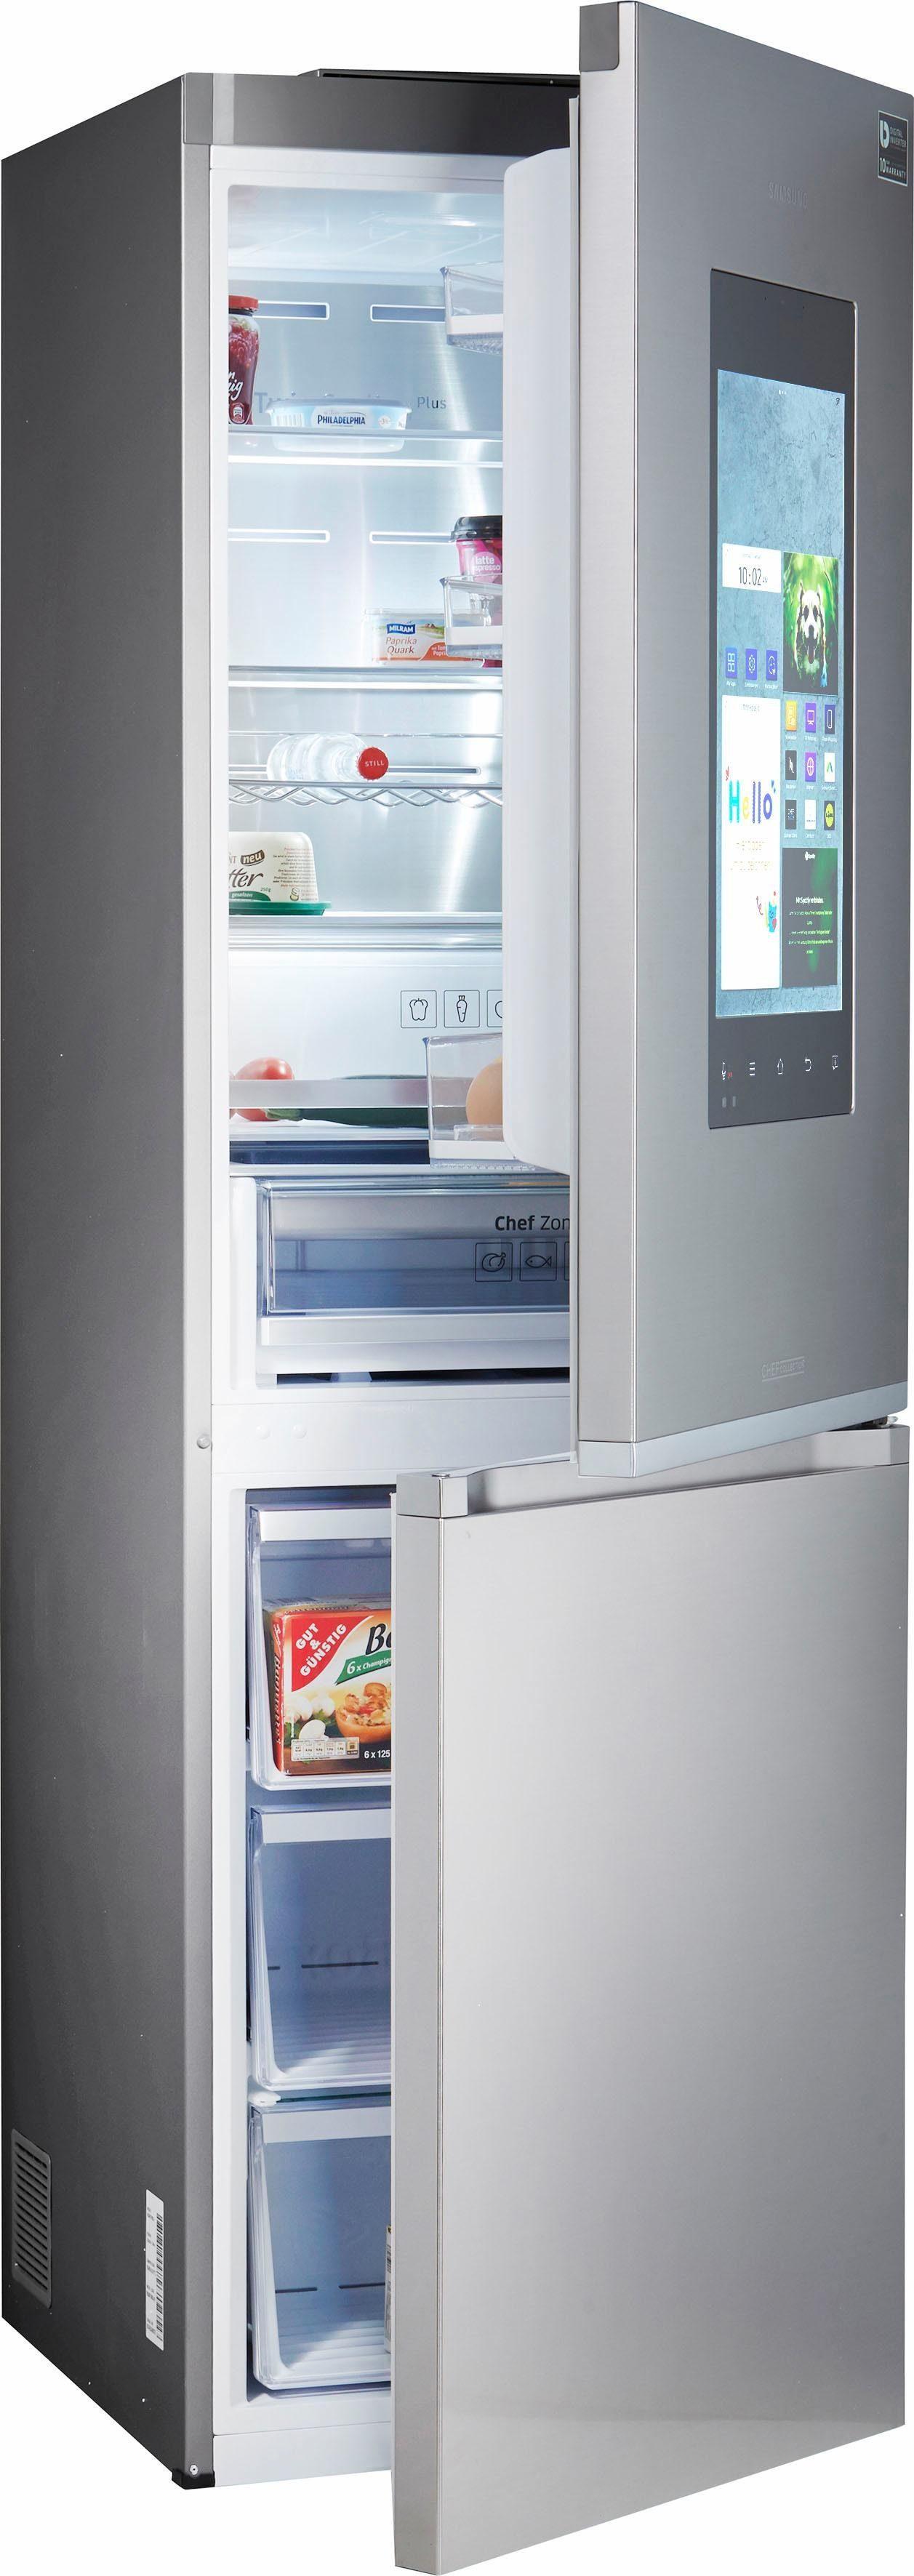 Samsung Kühl-/Gefrierkombination RB38M7998, 192,7 cm hoch, 59,5 cm breit, Family Hub – Display im Kühlschrank